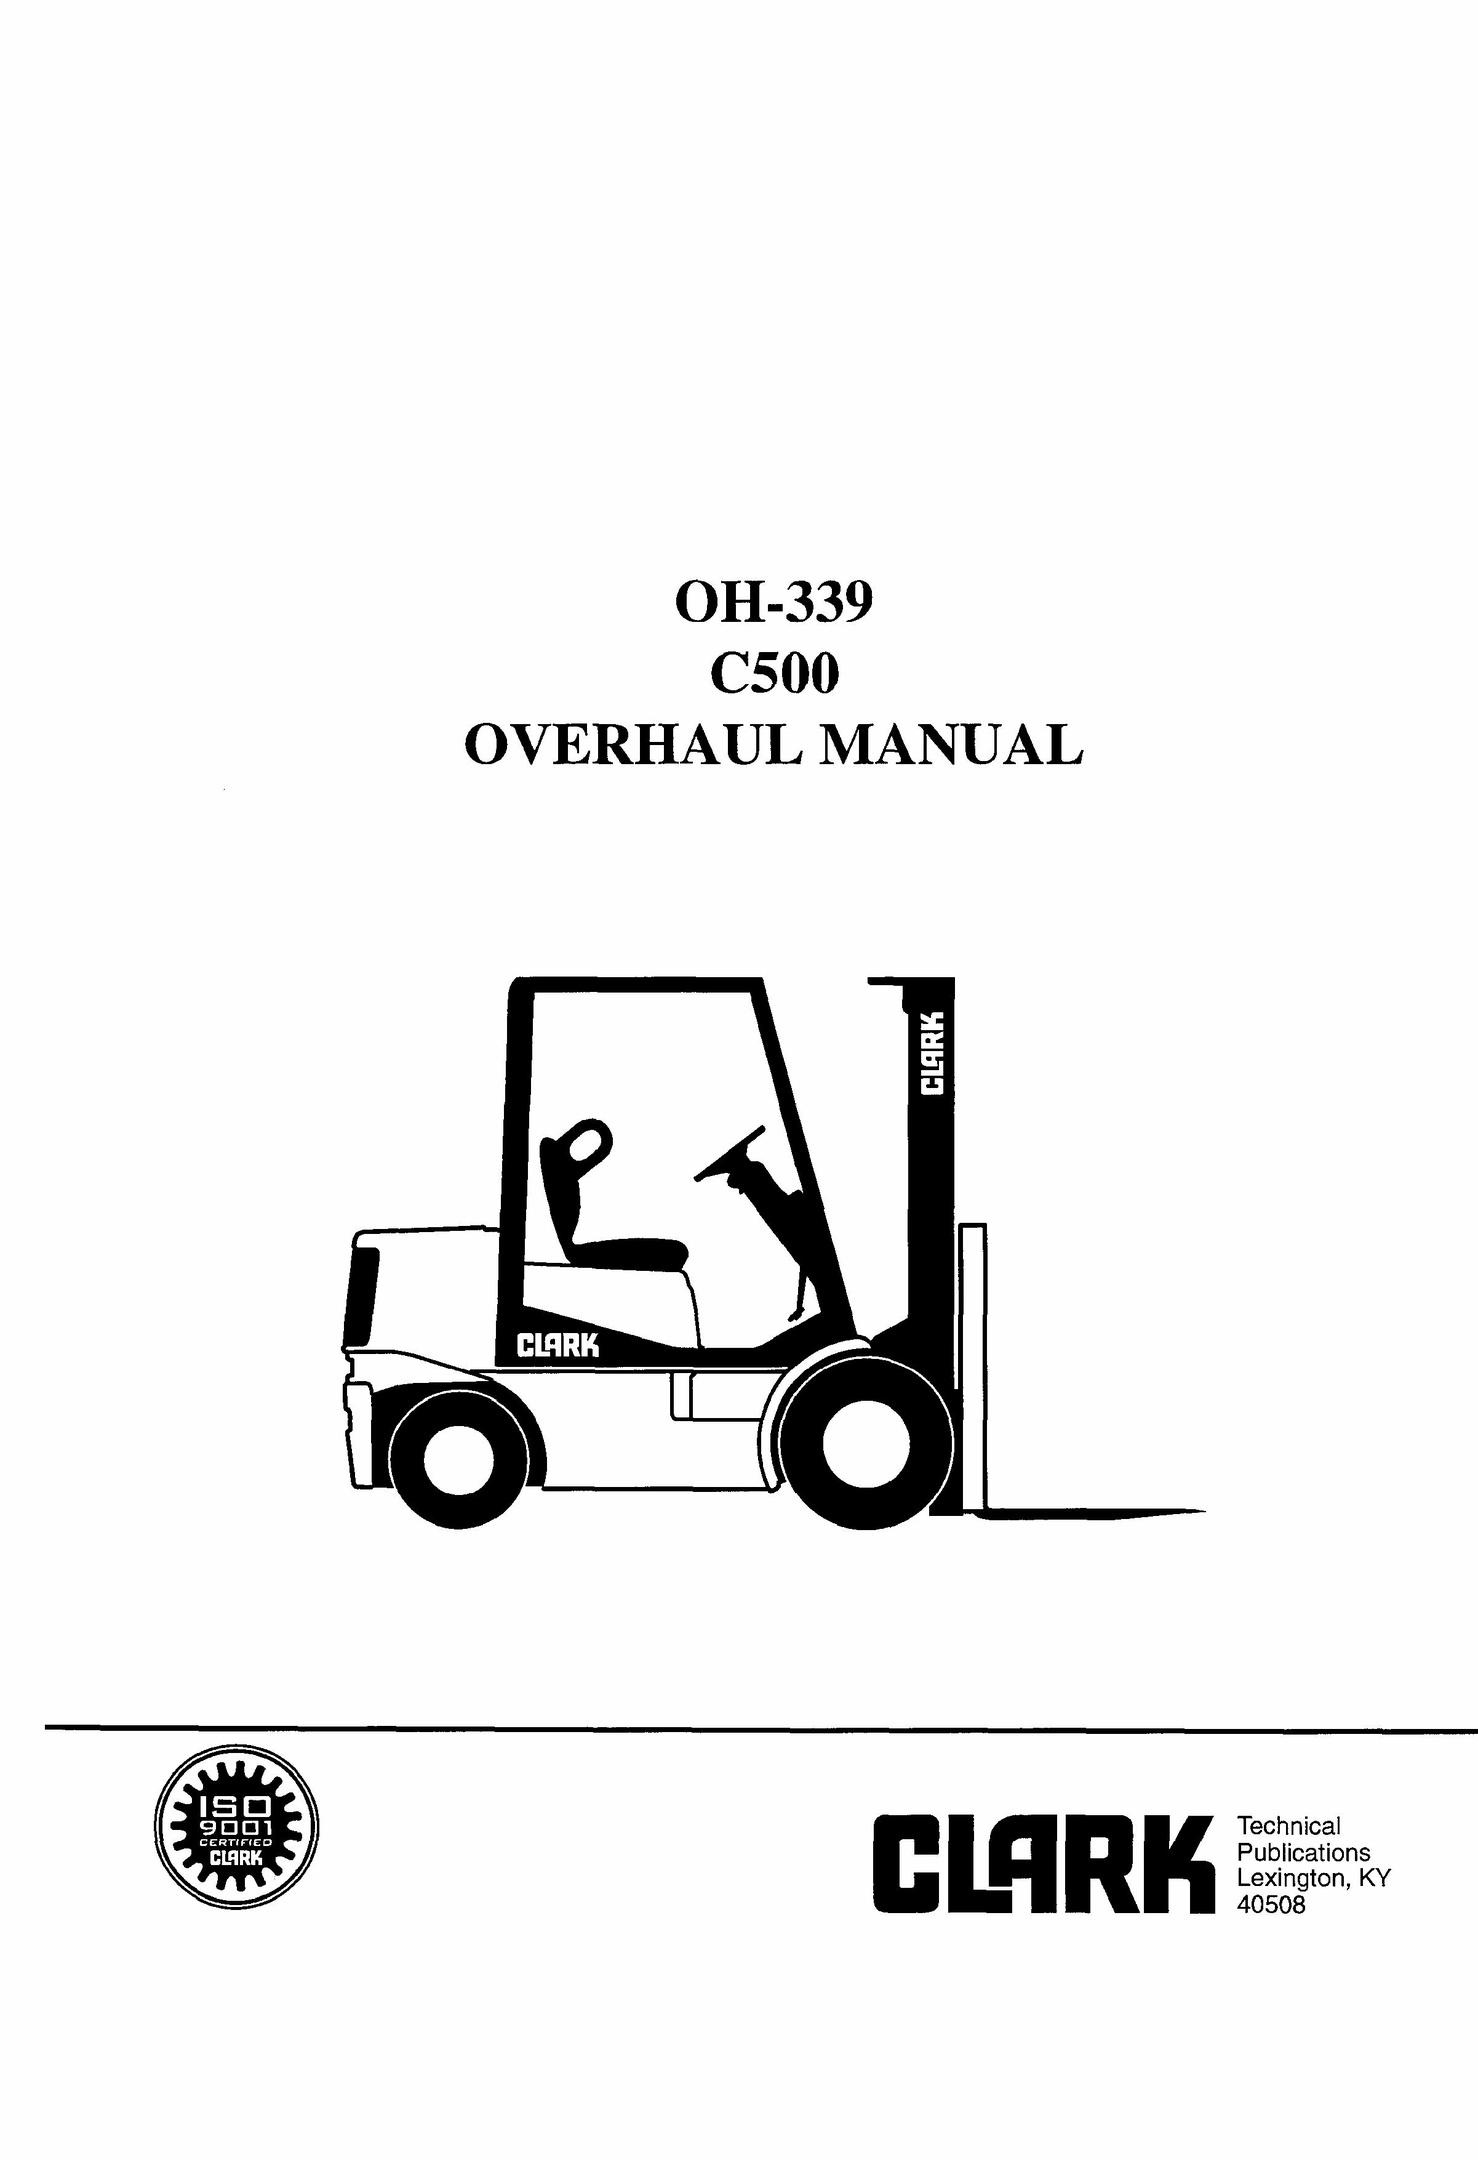 Clark Gcx25 Wiring Diagram 1993 Third Level Forklift Fuse Cgp25 Diagrams Used Parts Cgc25